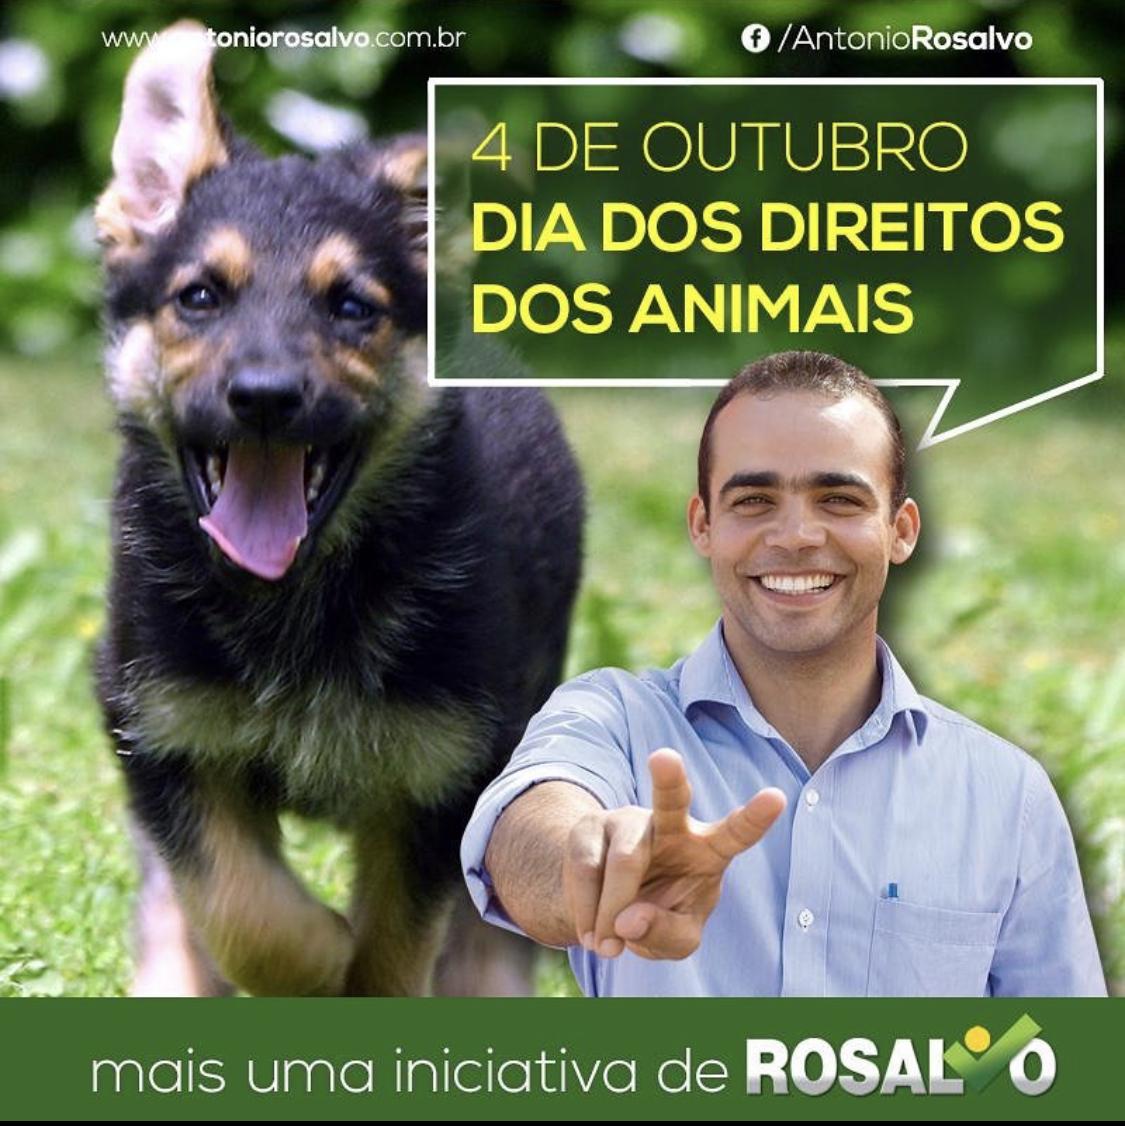 Vereador Rosalvo apresenta requerimento para a criação de uma Superintendência de Proteção Animal